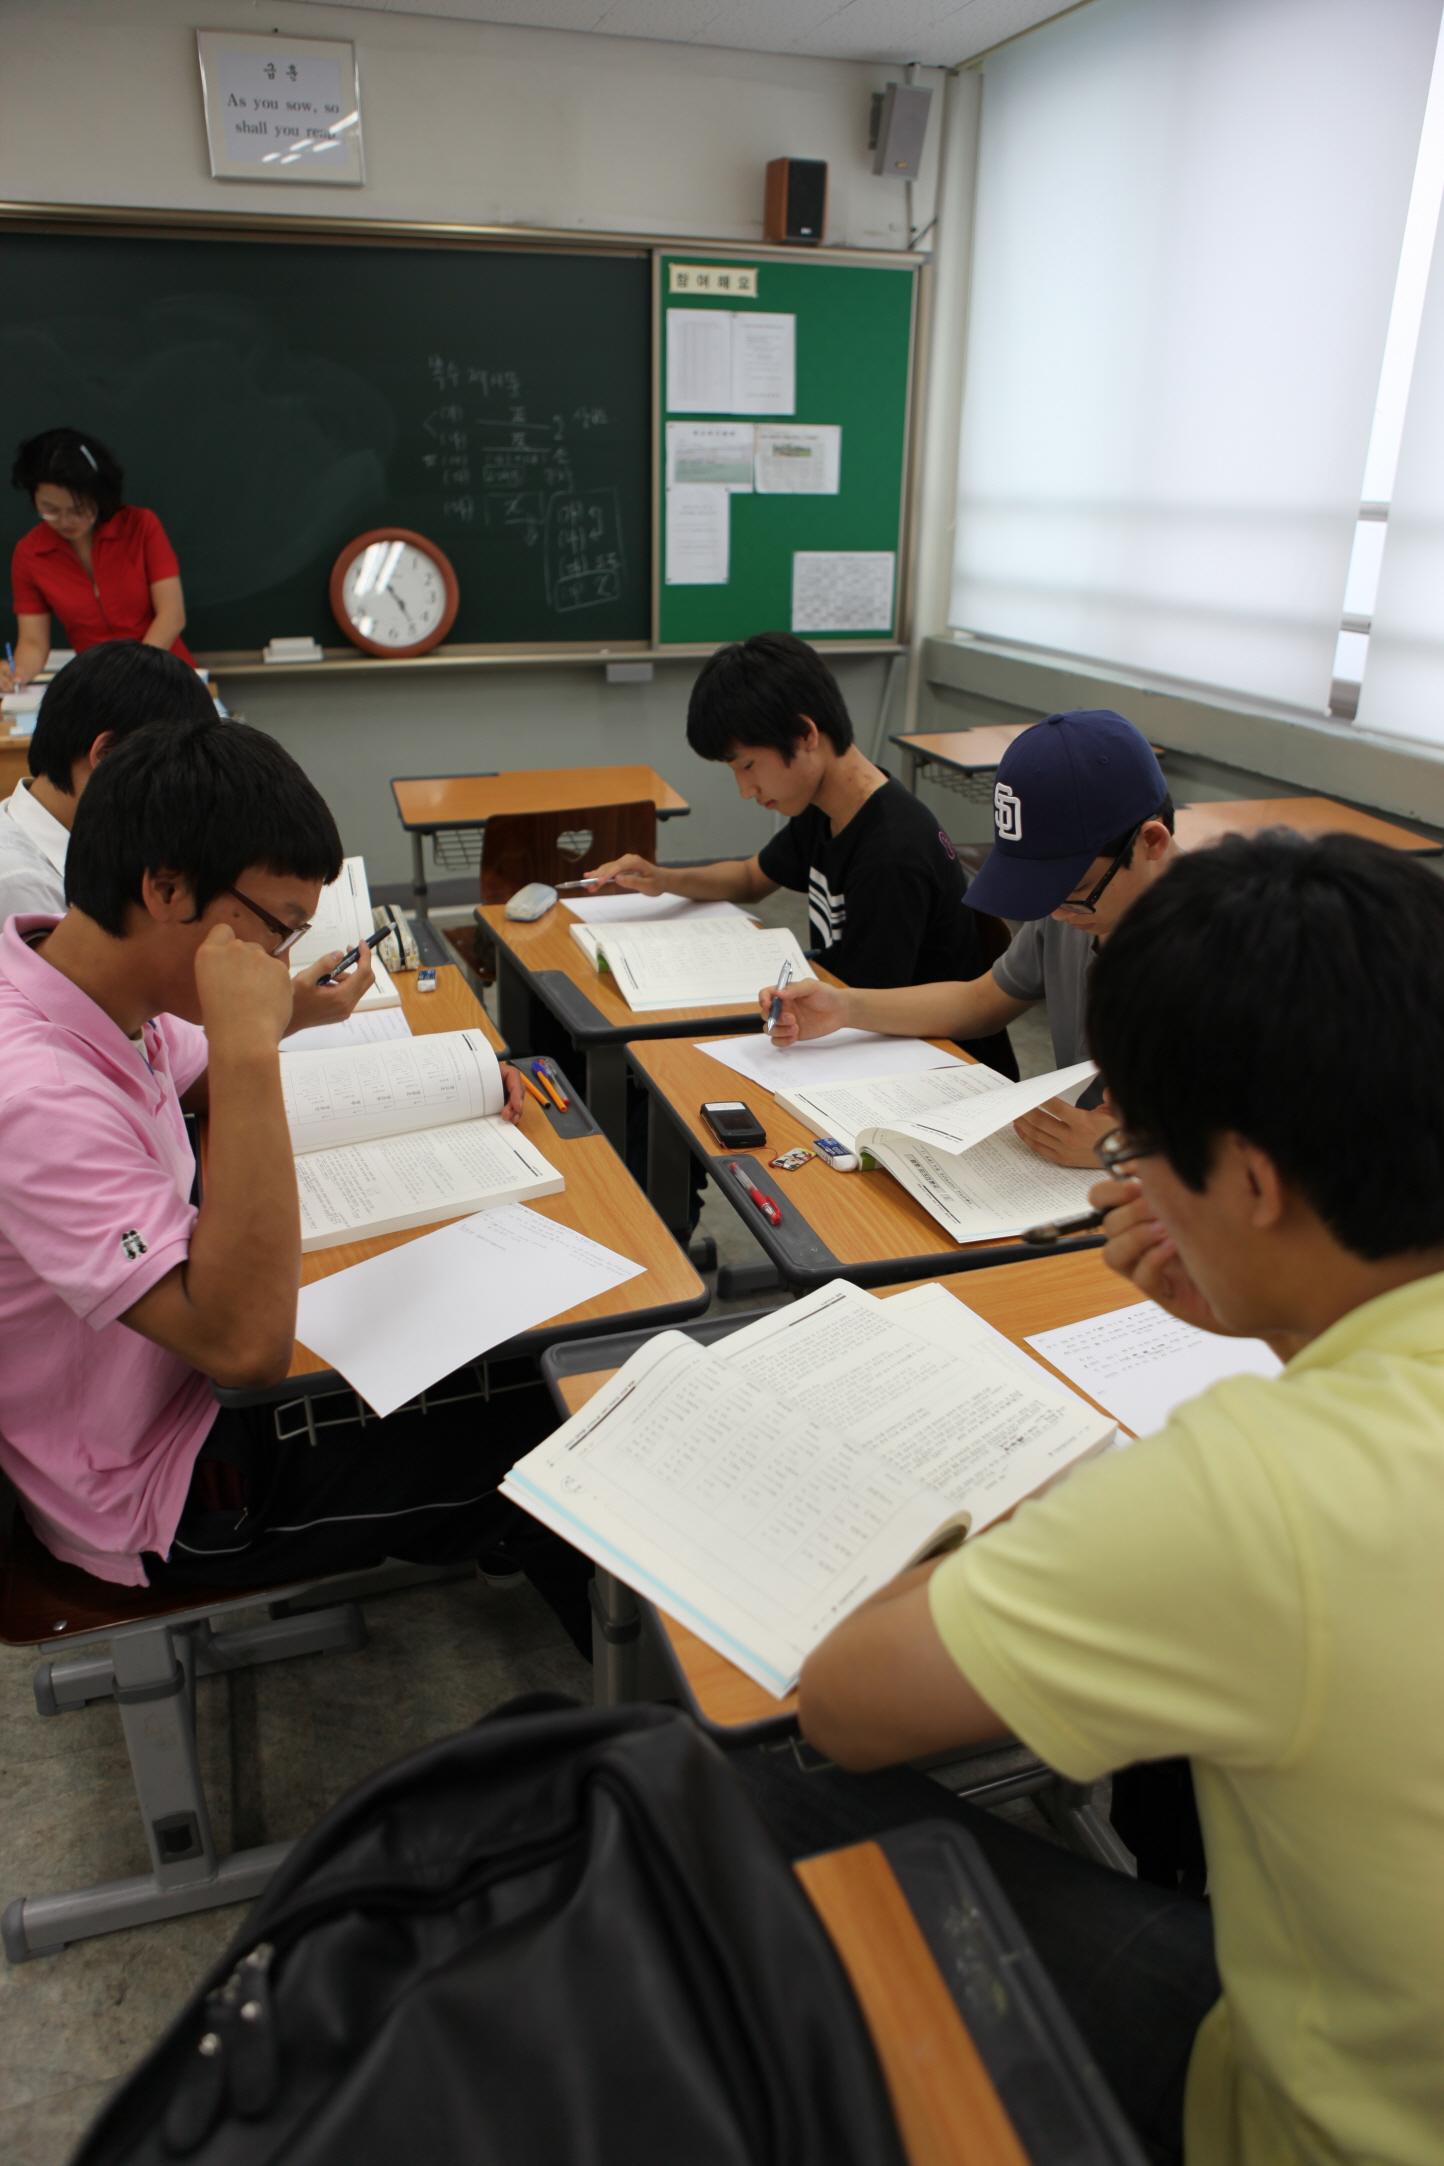 2009/07/20 논술거점학교 수업 첨부이미지